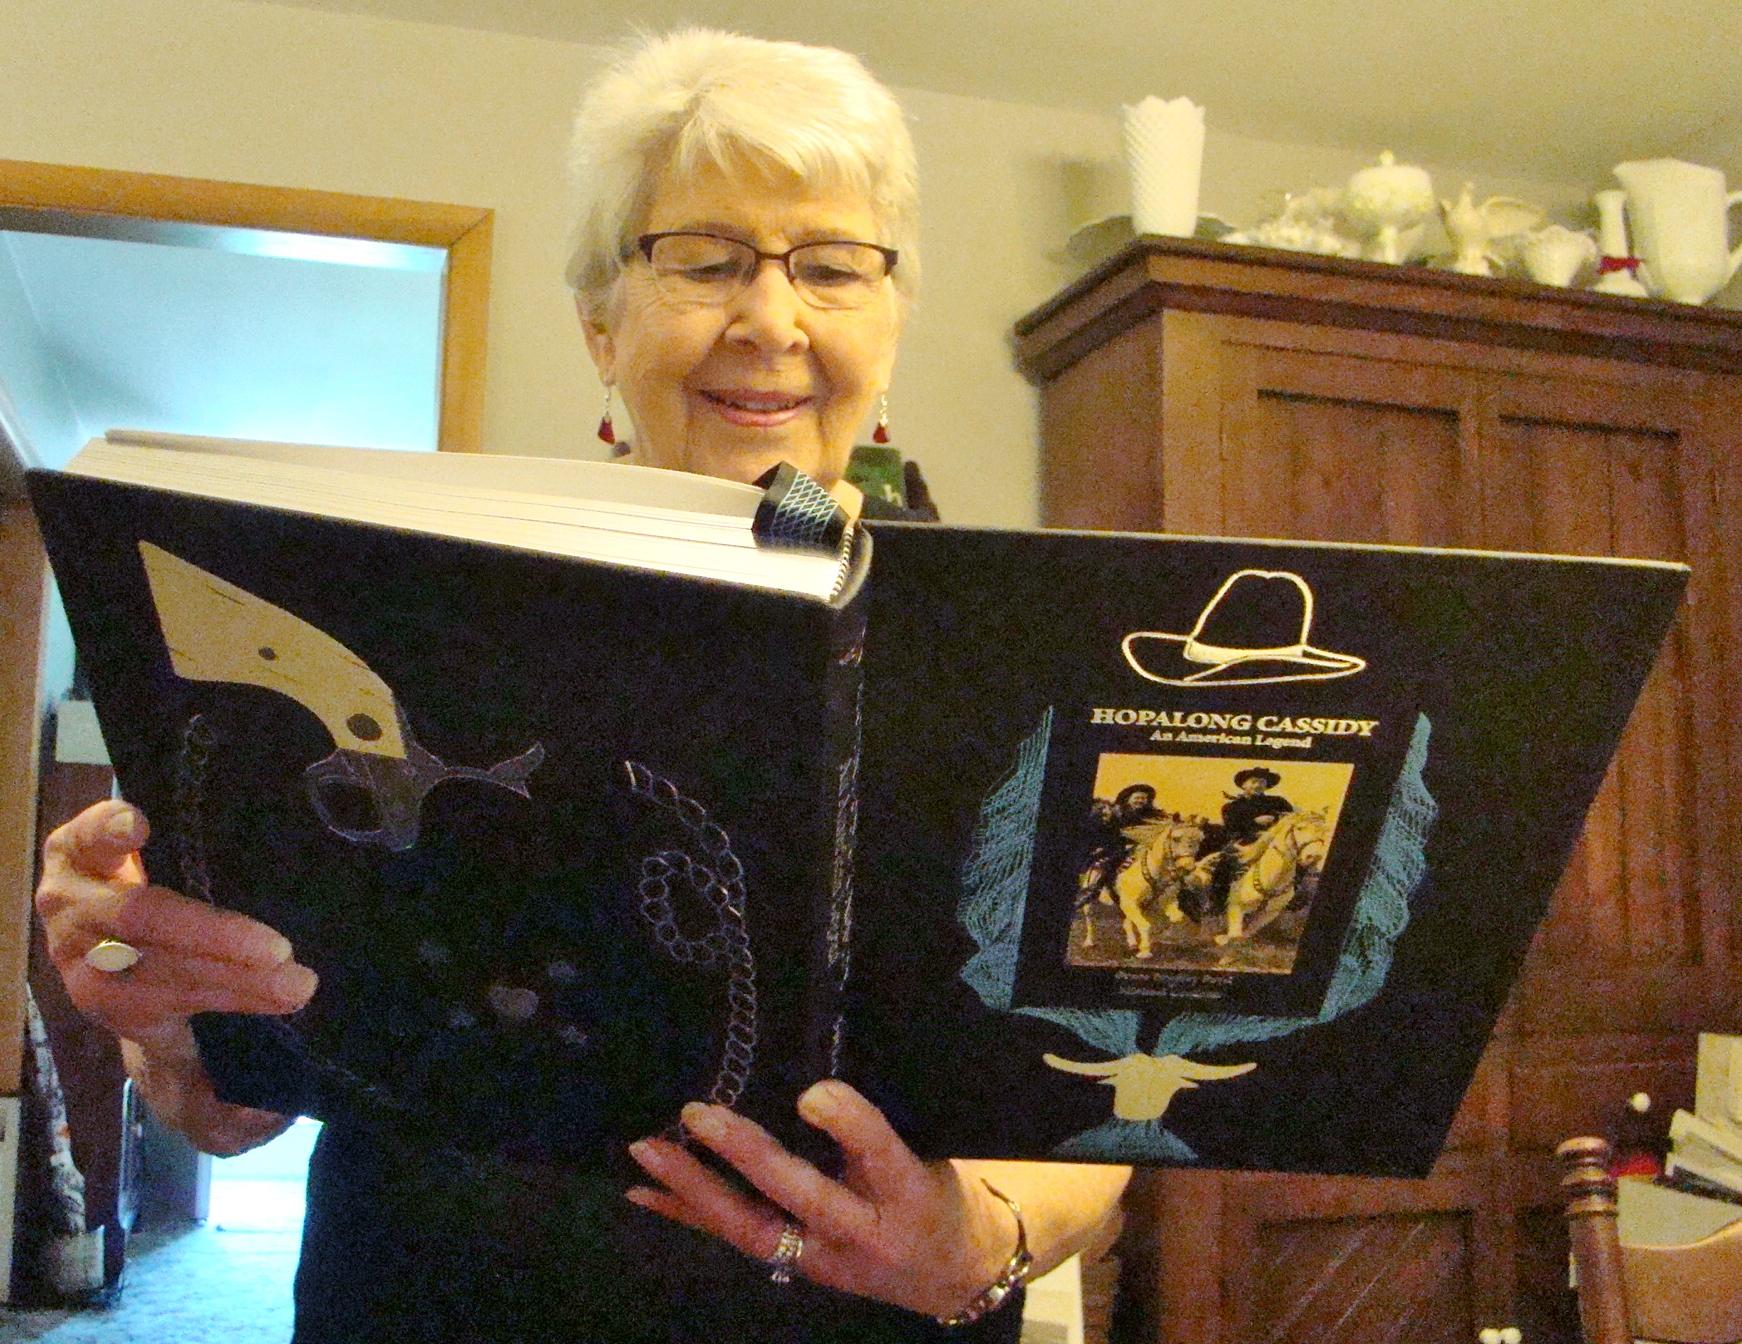 Laura Hopalong Cassidy Book